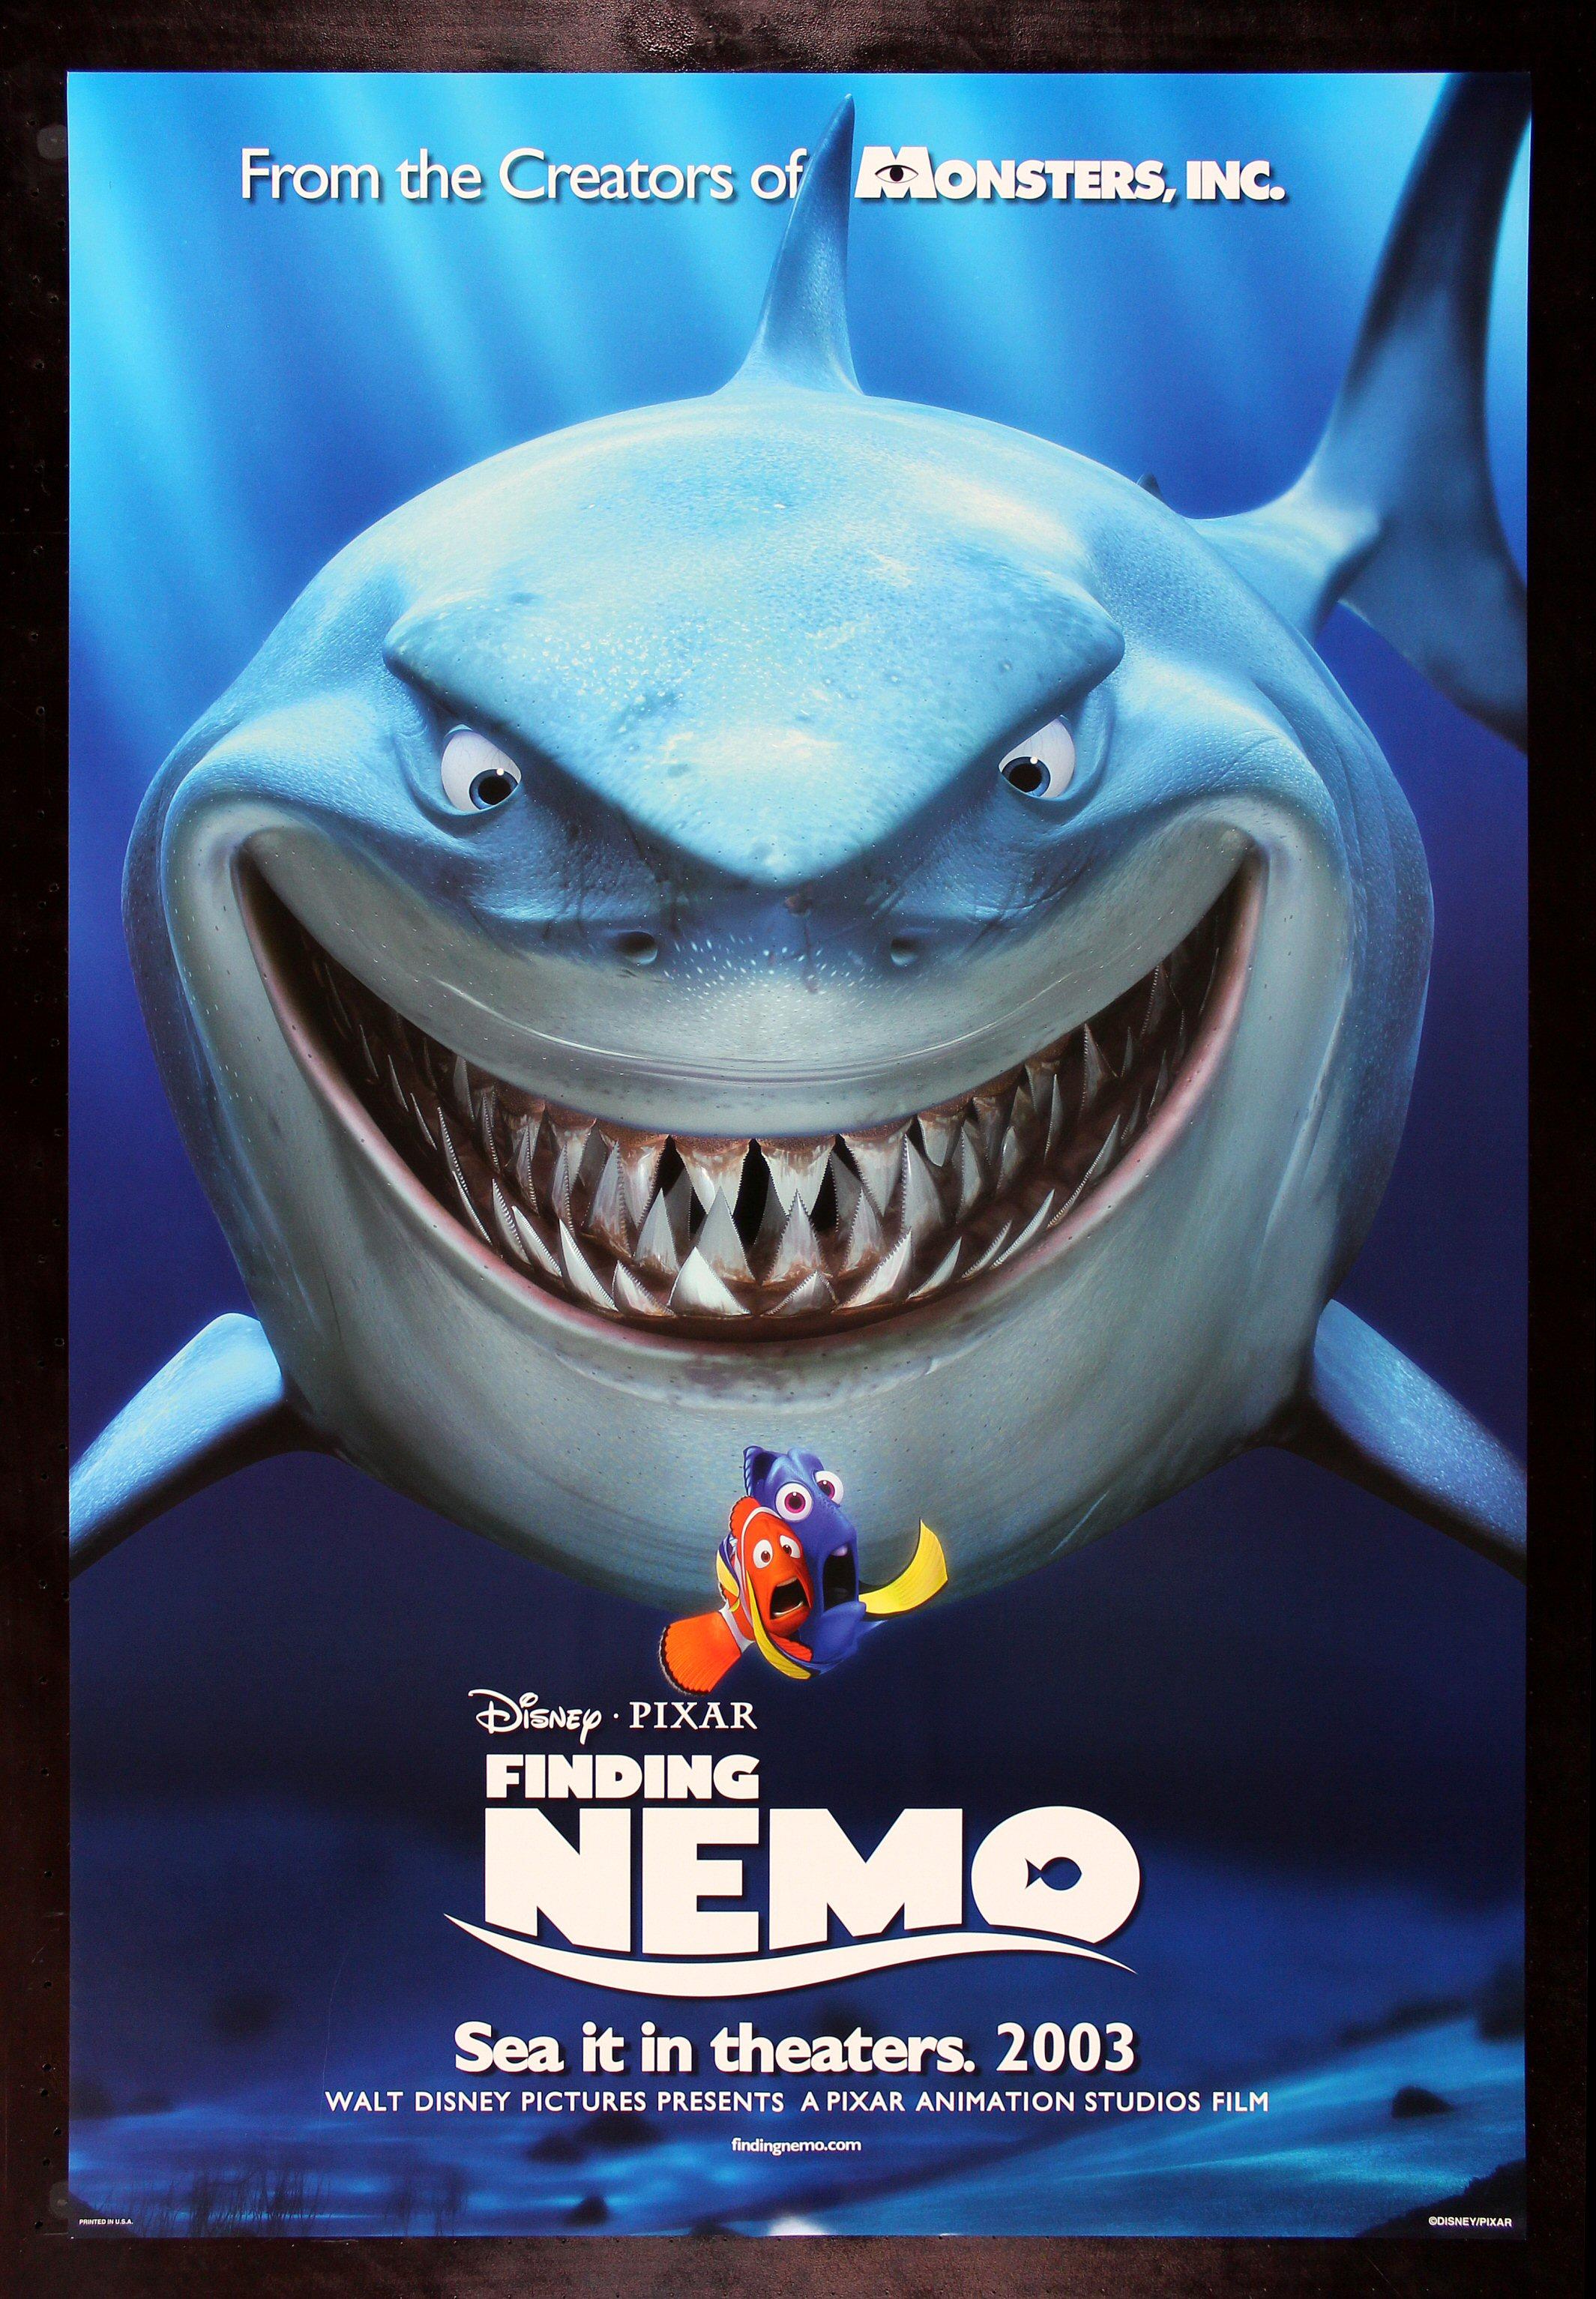 Finding Nemo Cinemasterpieces Disney Shark Fish Ocean